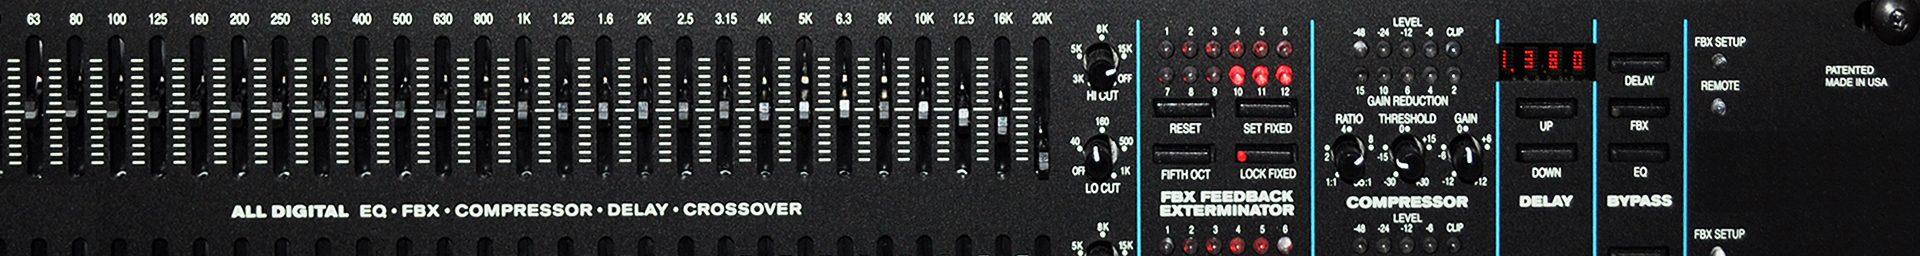 AV equipment